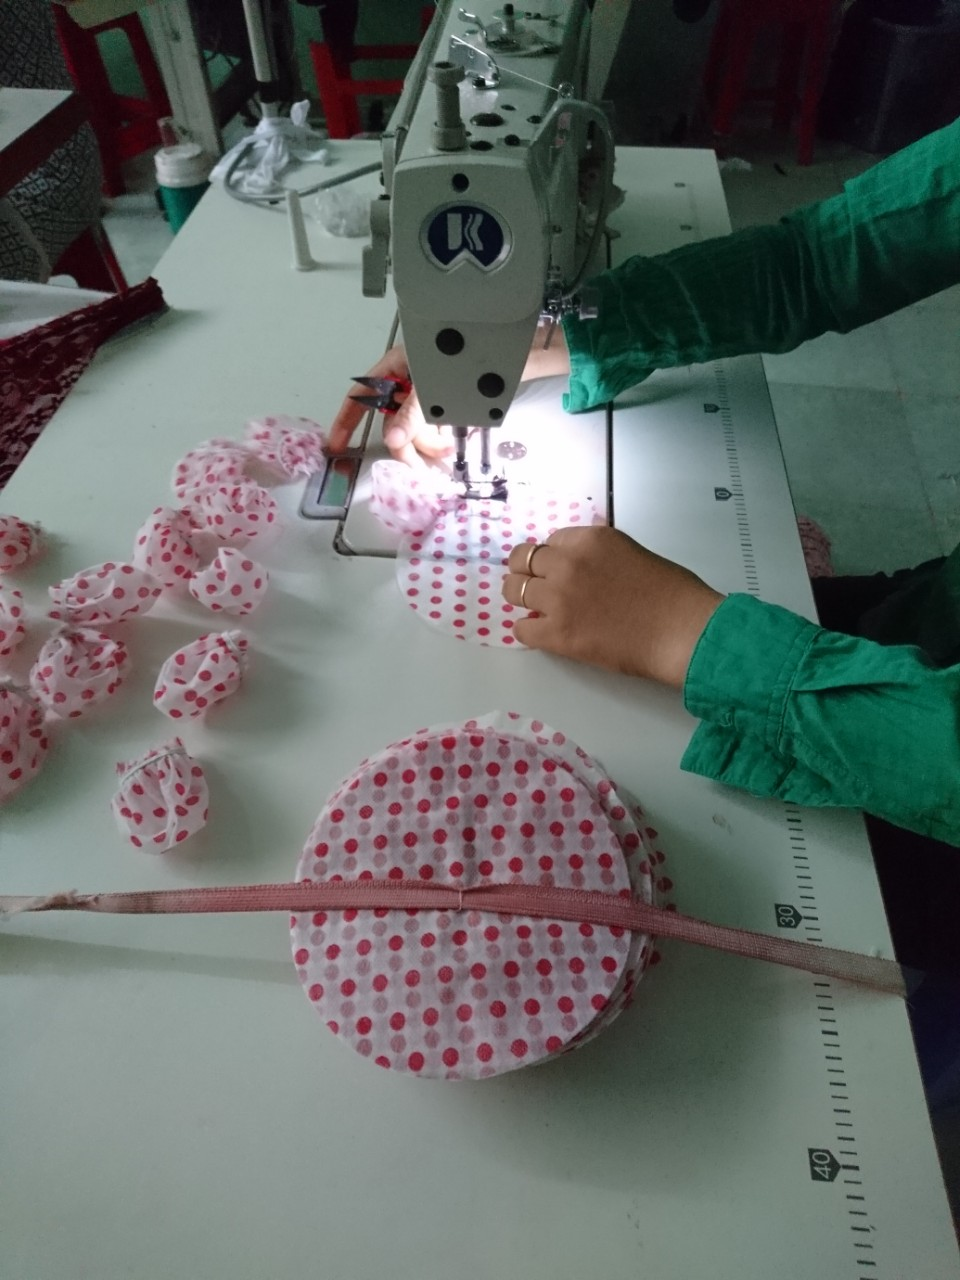 Quy trình sản xuất túi bọc đầu micro sử dụng 1 lần trong karaoke